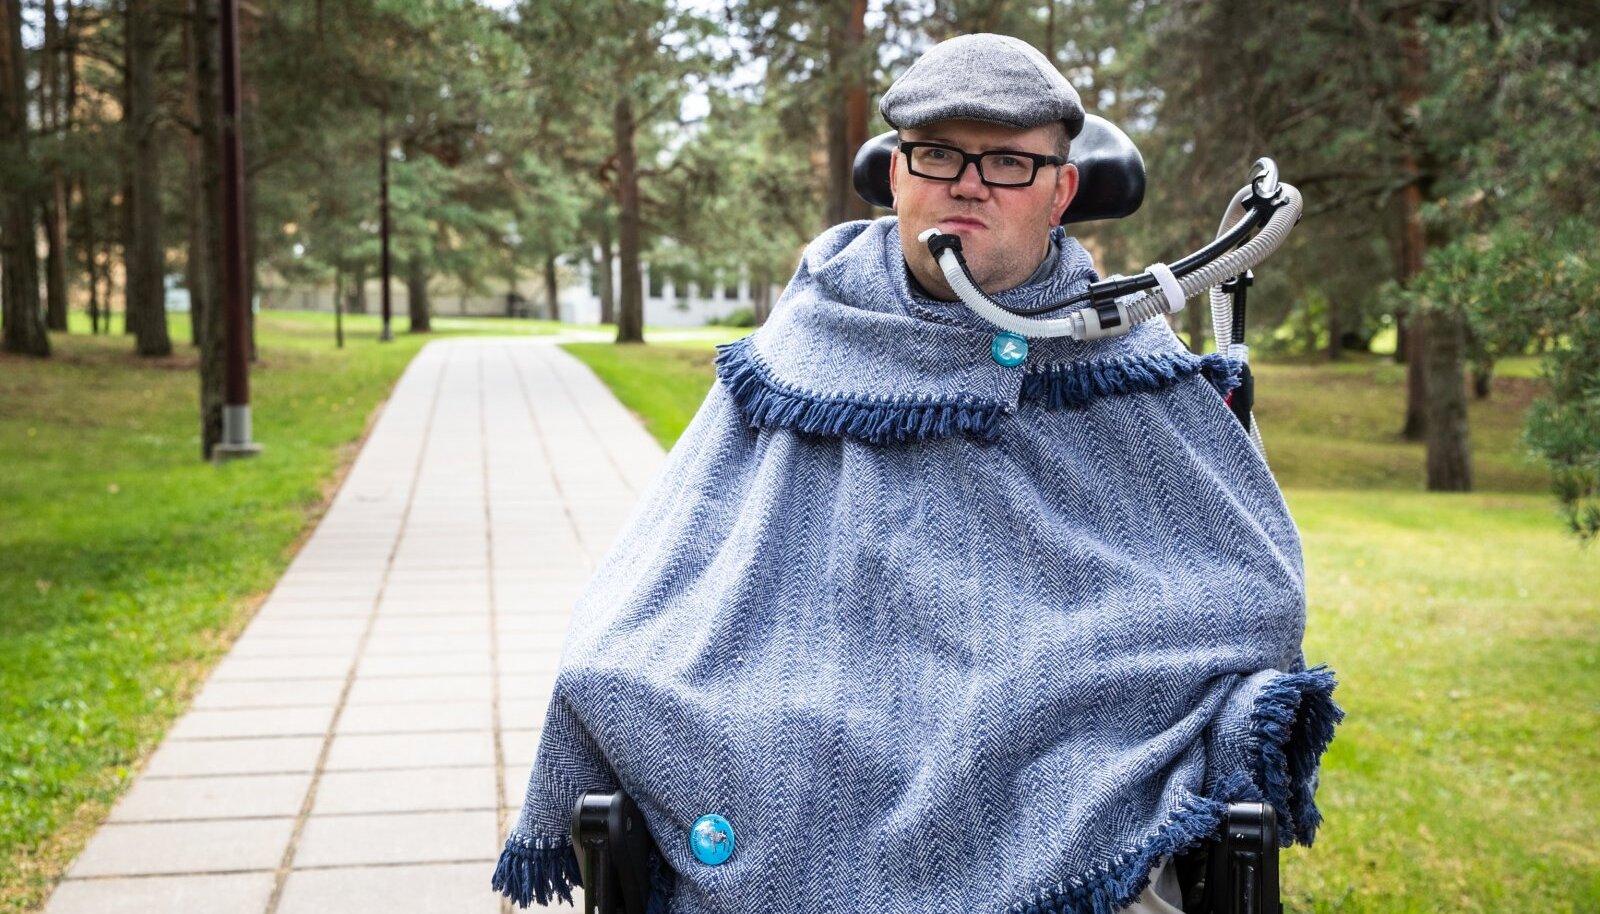 Jüri Lehtmets on üks neist puuetega inimestest, kes vajab joomiseks kõrt. Ta on nördinud, et suures keskkonnakaitsetuhinas unustati puuetega inimesed Euroopas ära.